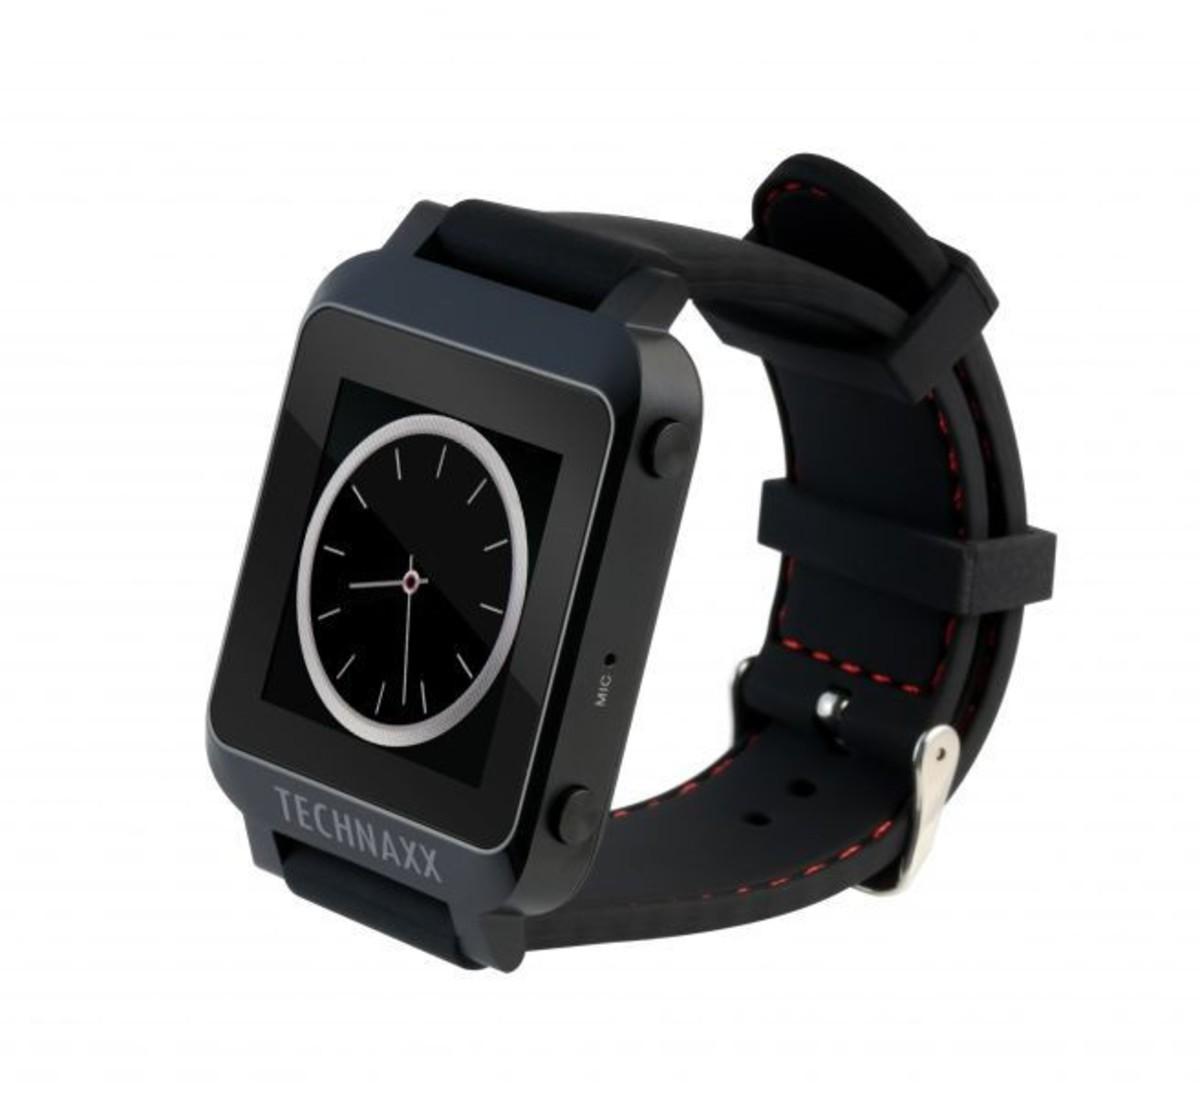 Bild 2 von Technaxx Smart Watch TX-26